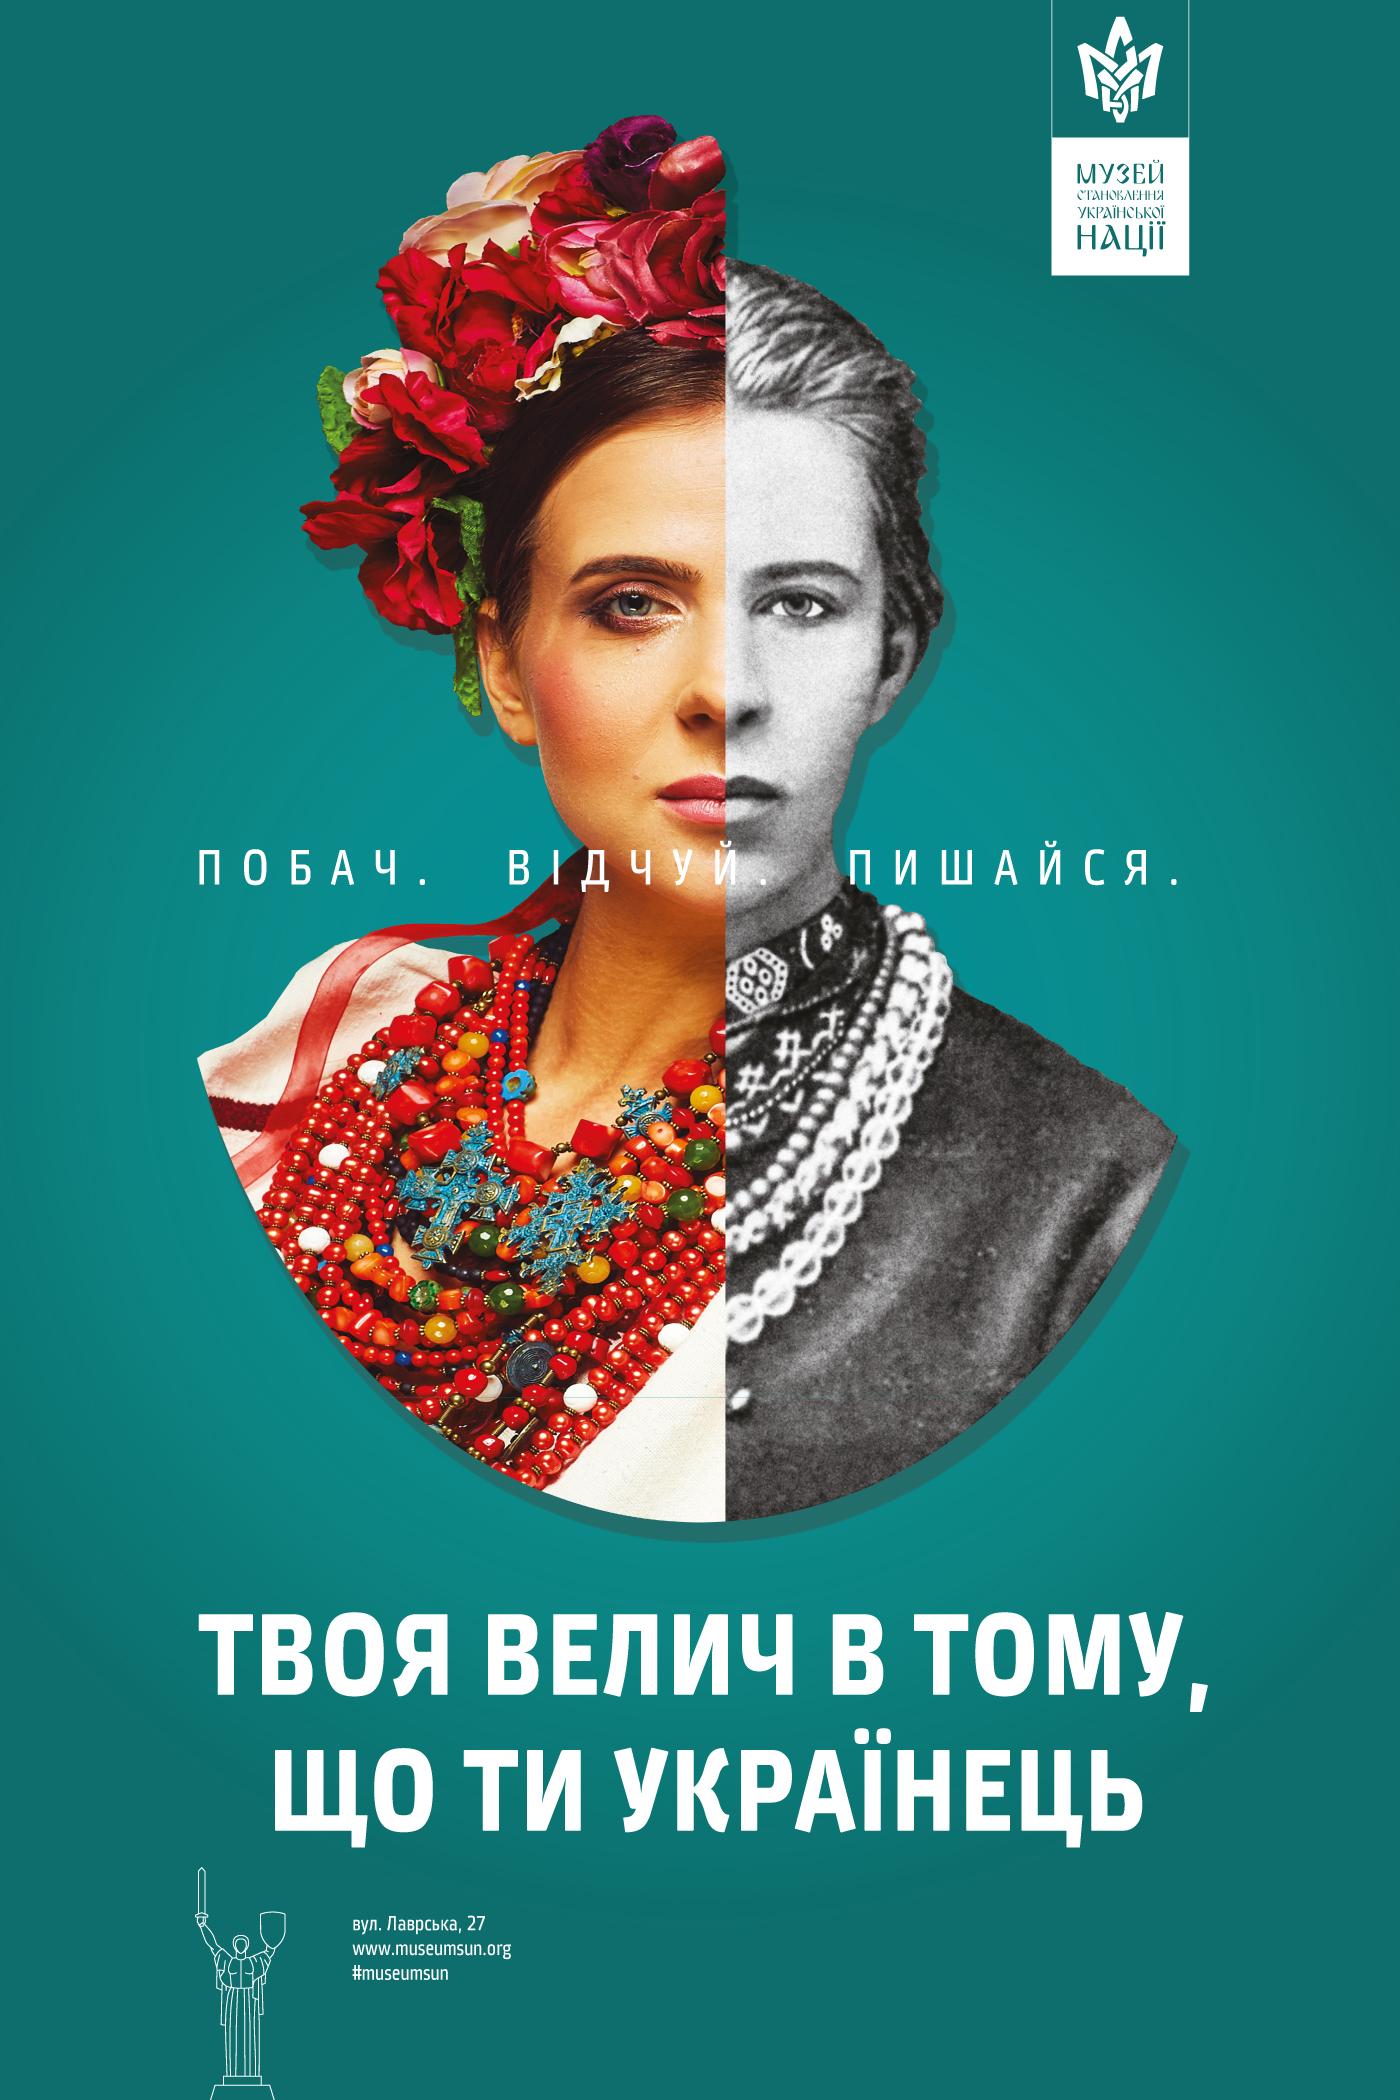 Напередодні відкриття «Музею становлення української нації» в студії розробили плакат